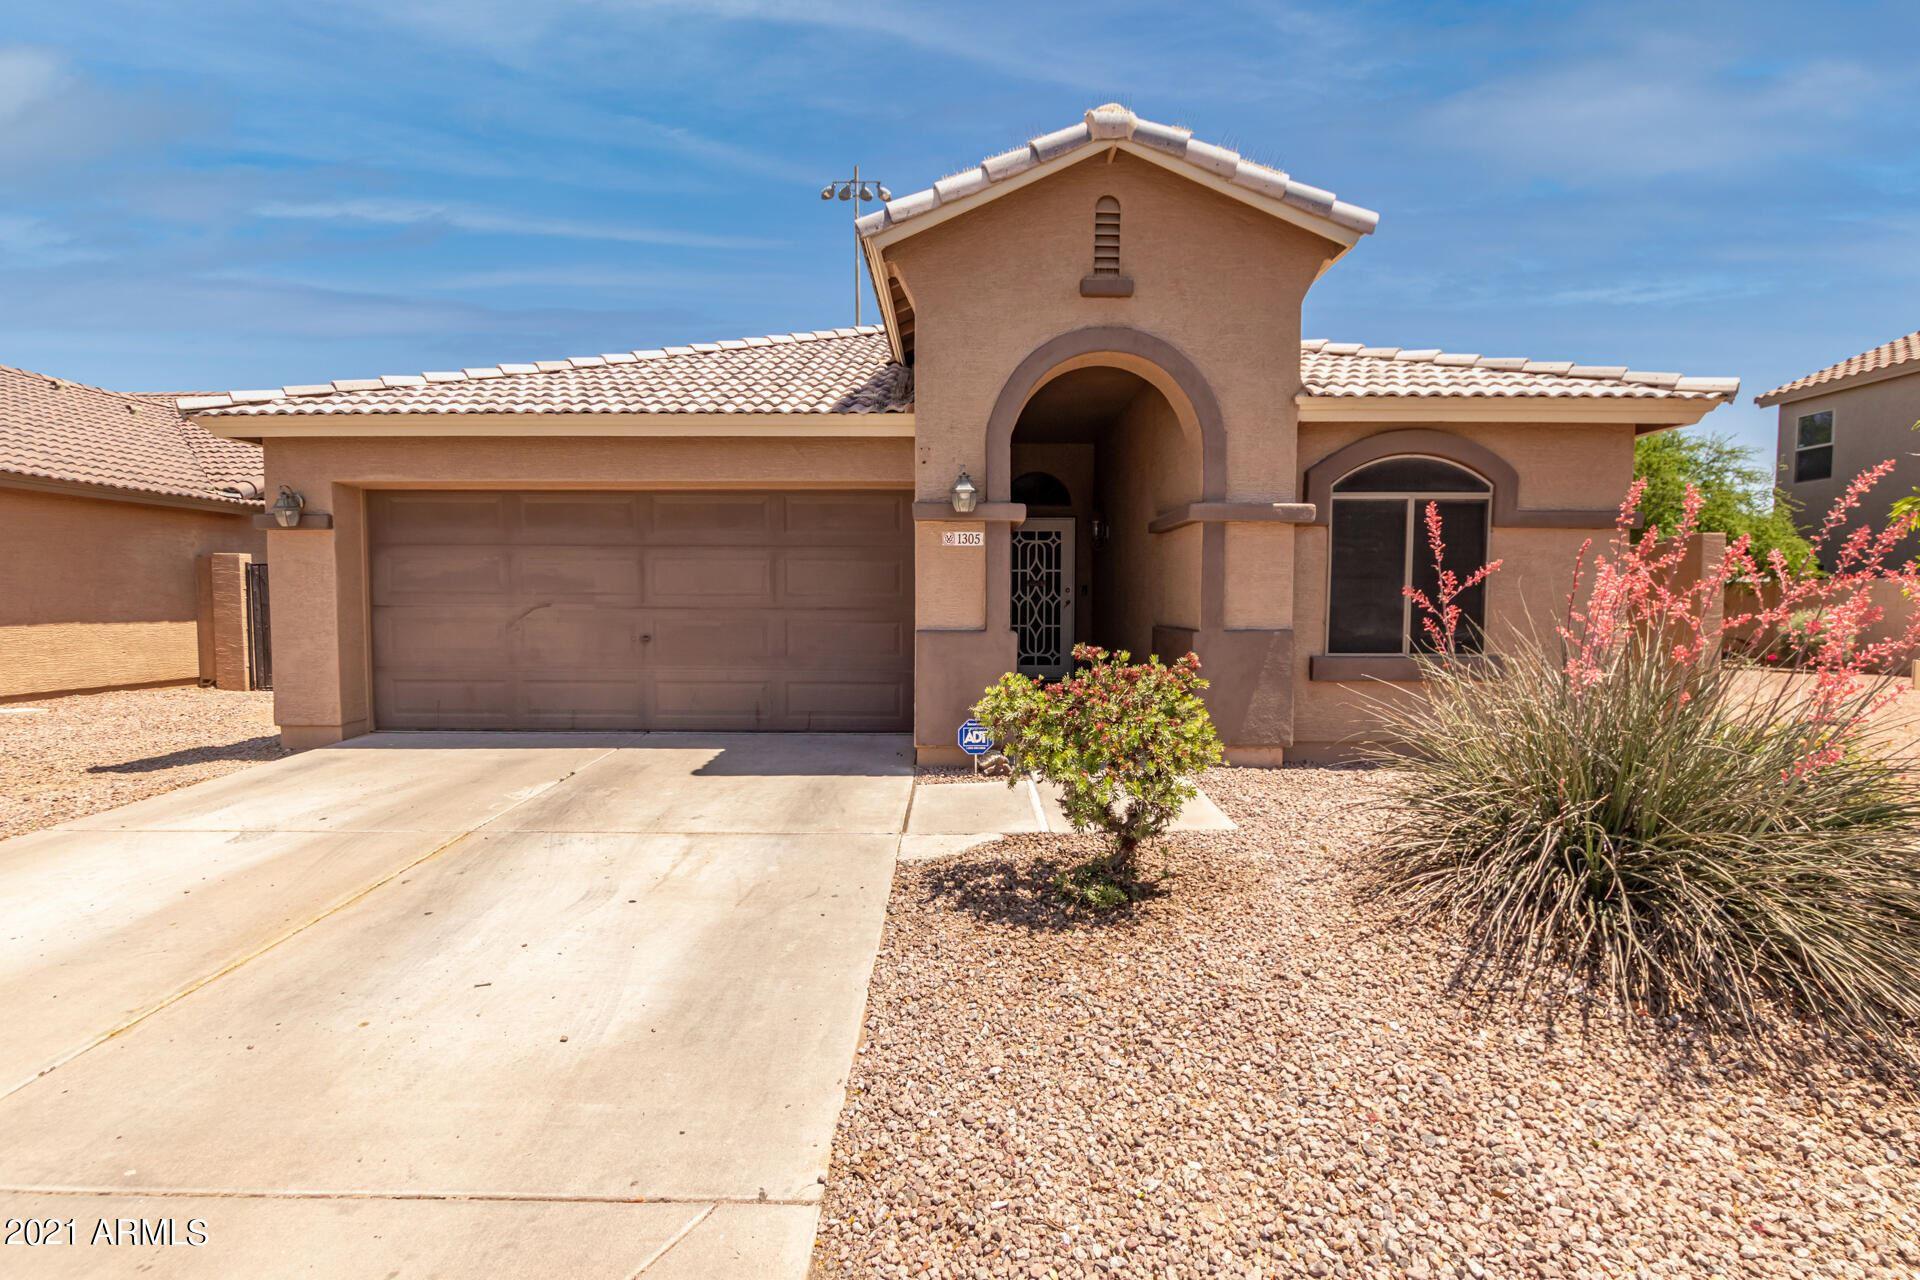 1305 S 117TH Drive, Avondale, AZ 85323 - MLS#: 6231714